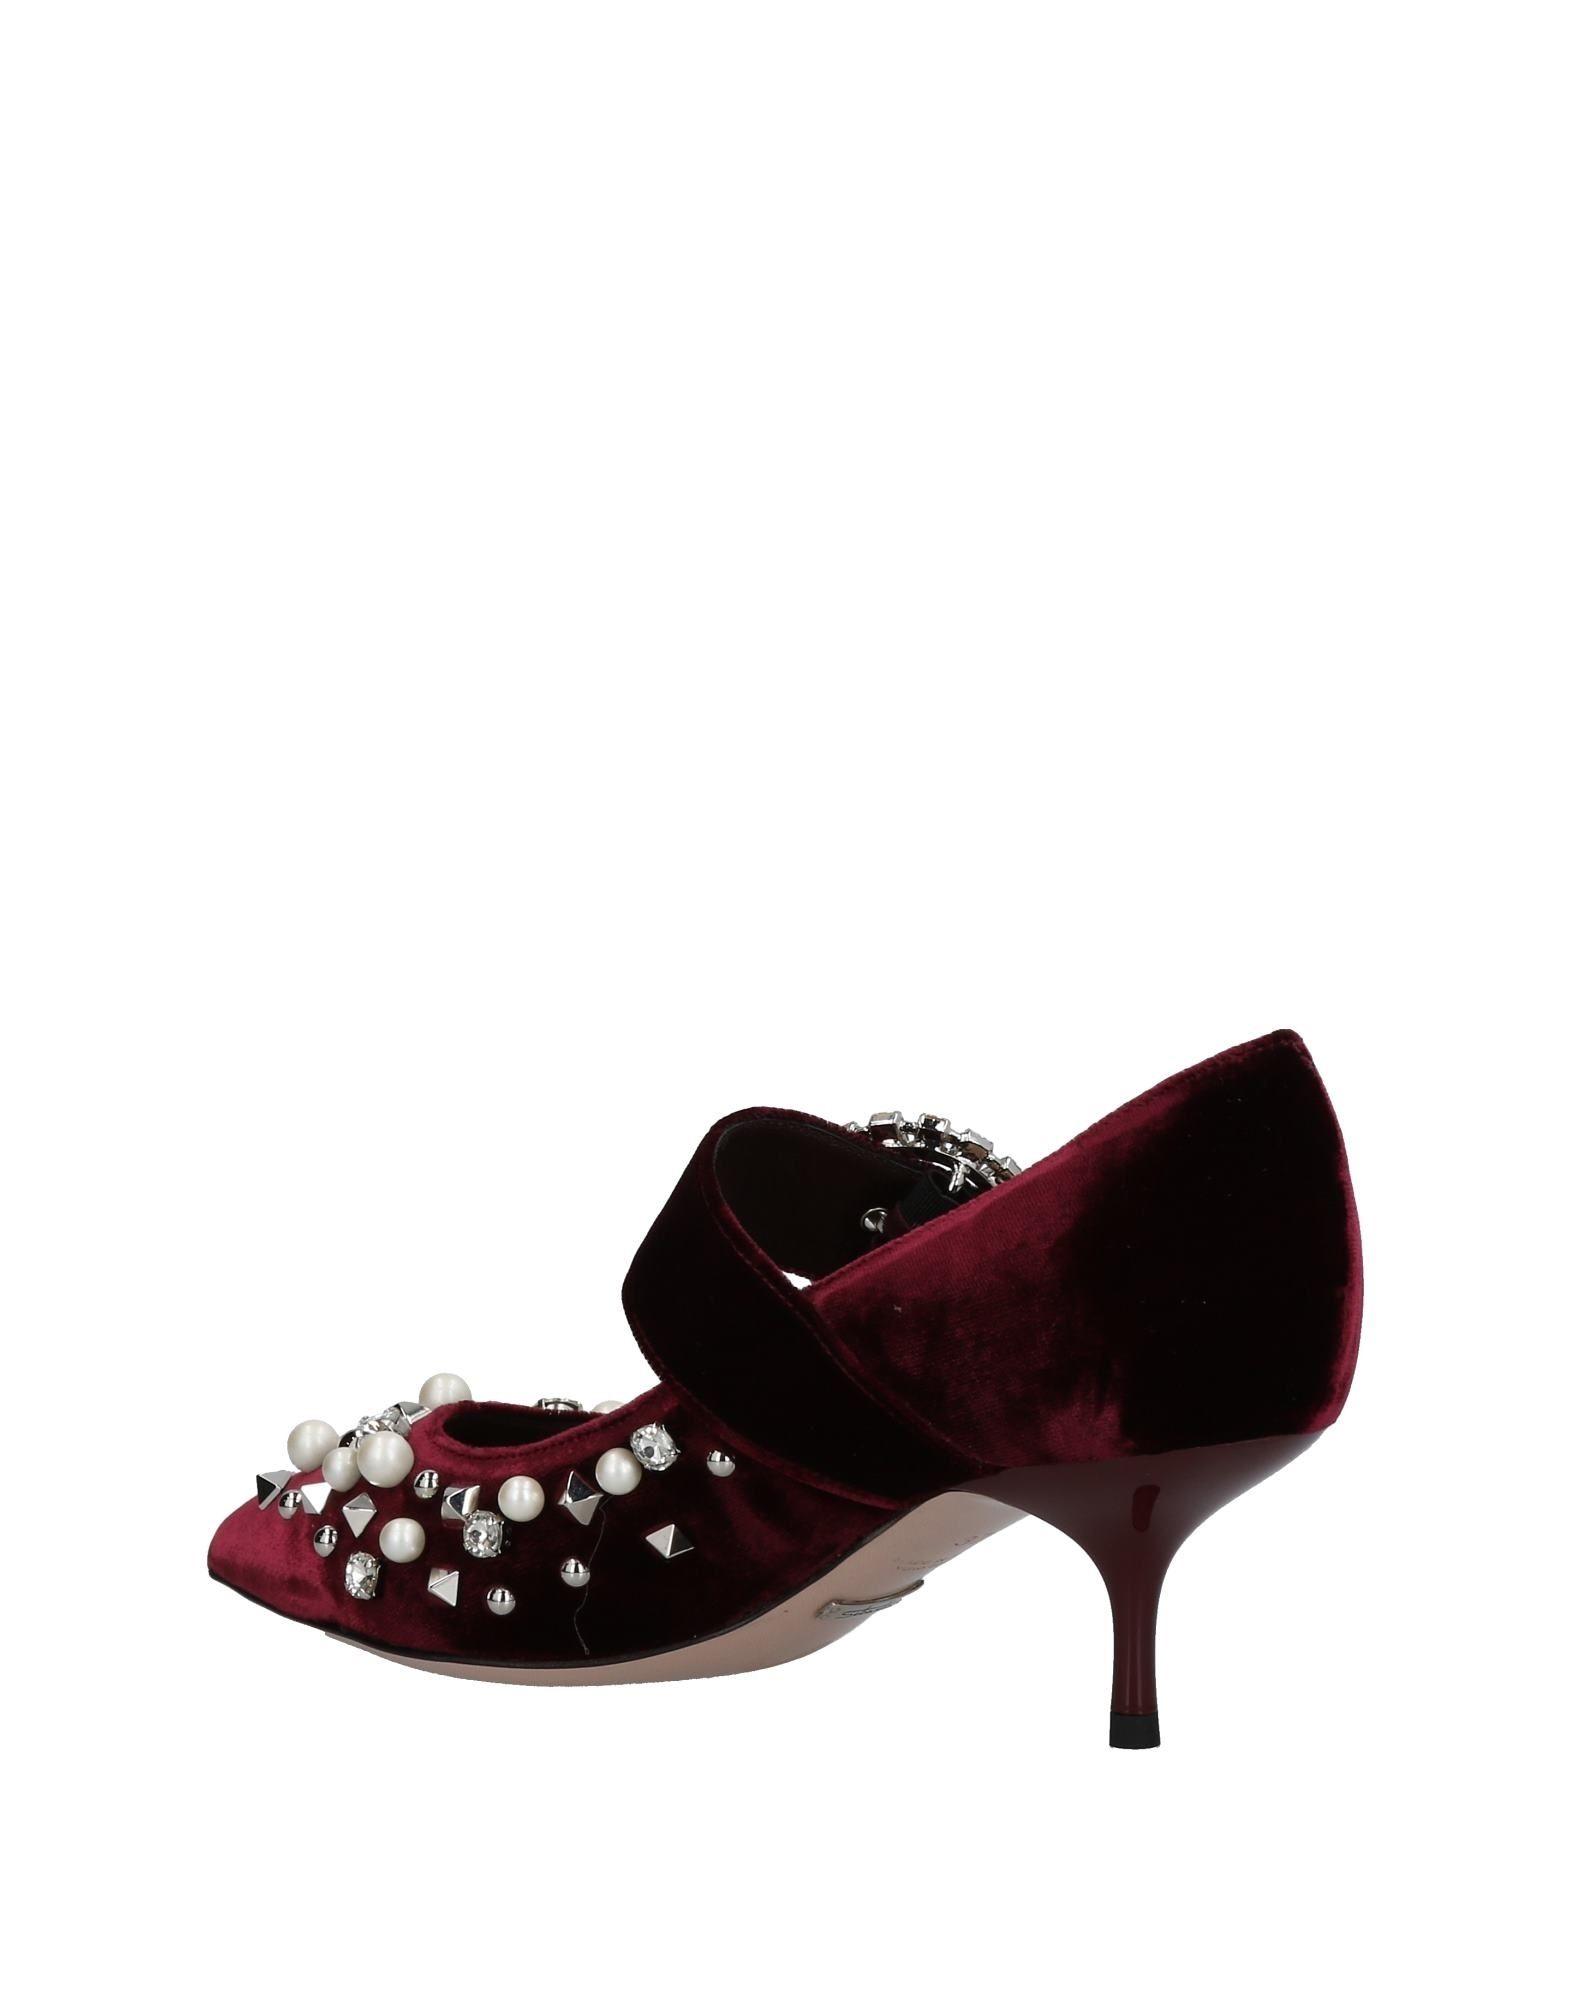 Sebastian Pumps aussehende Damen  11445778LXGünstige gut aussehende Pumps Schuhe 0e4240